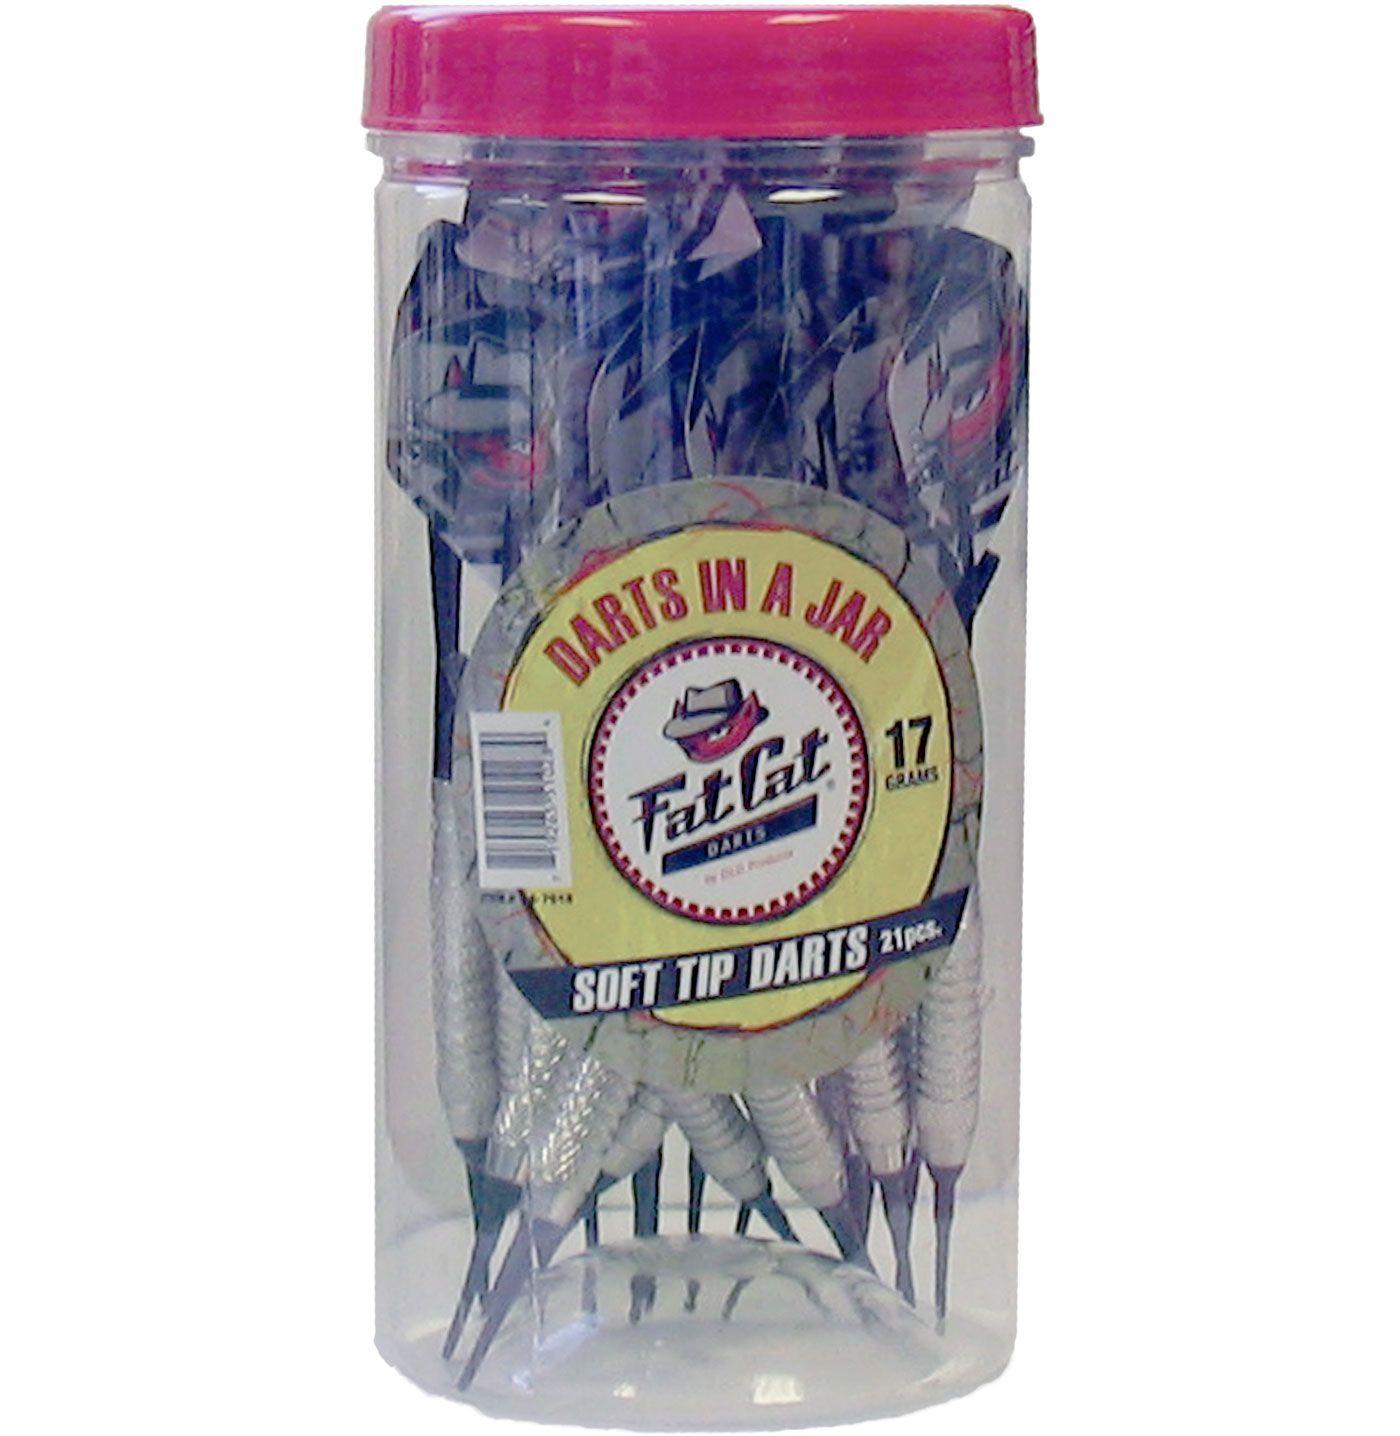 Fat Cat Darts in a Jar 17g Soft Tip